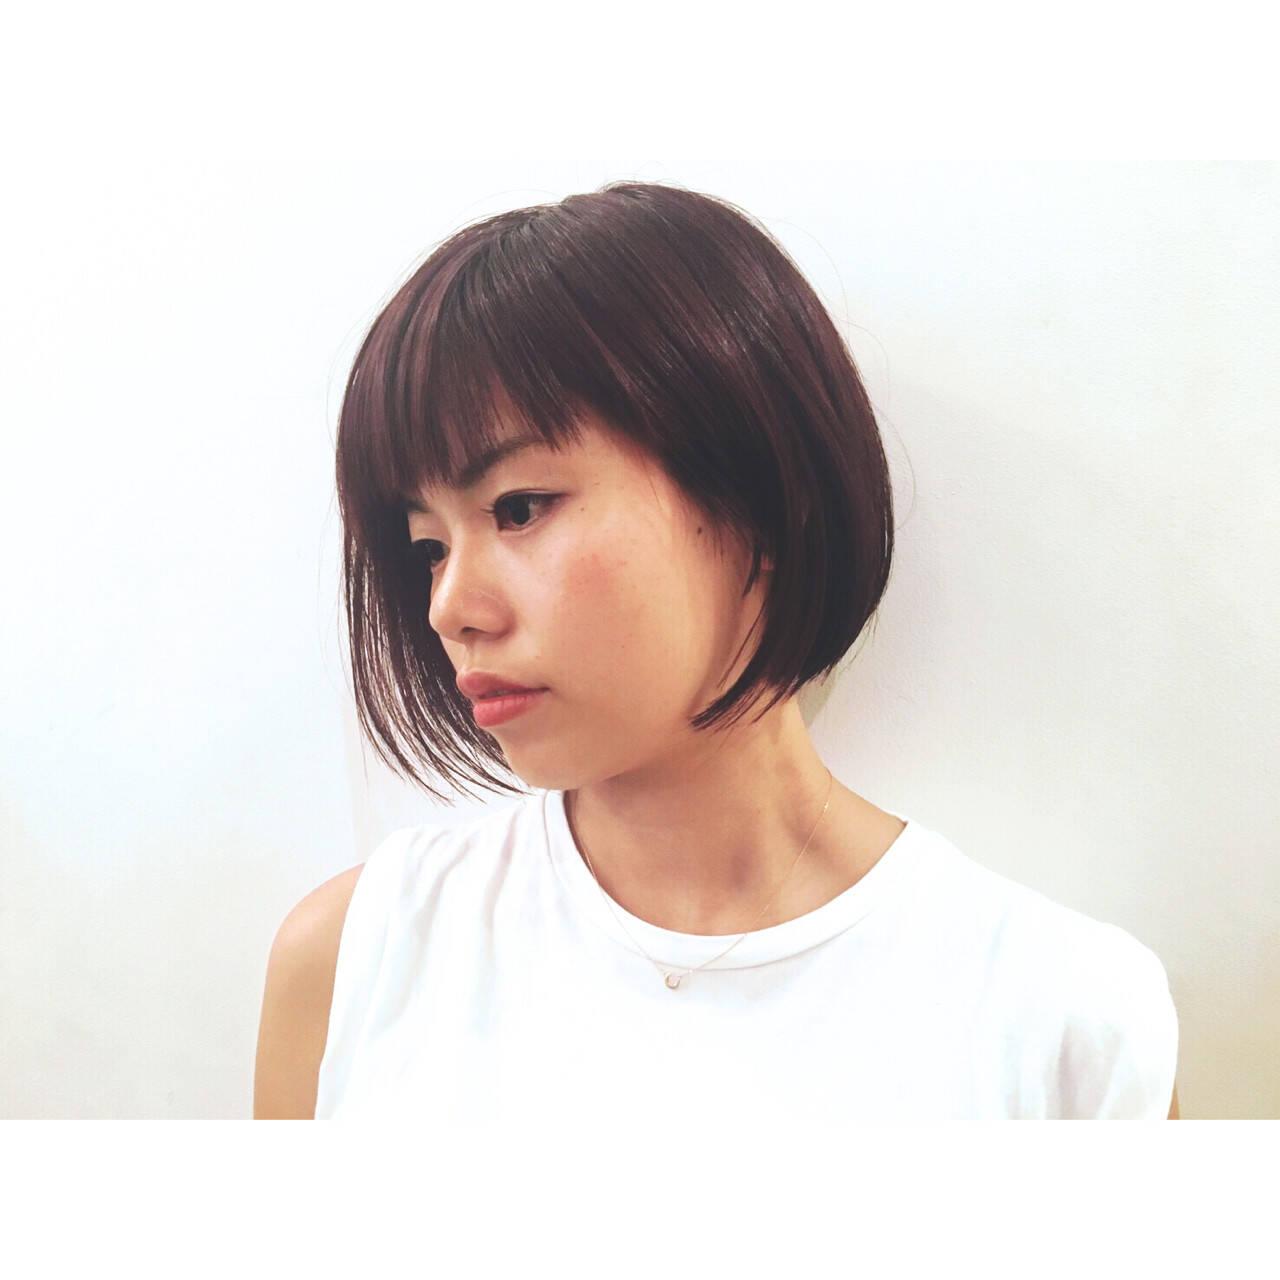 アシメバング ボブ モード ショートヘアスタイルや髪型の写真・画像